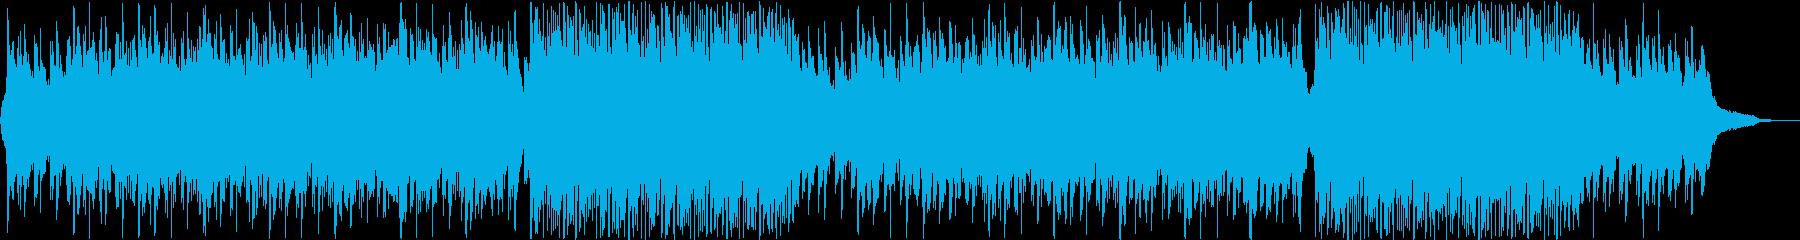 明るく爽やかなコーポレート向けBGMの再生済みの波形